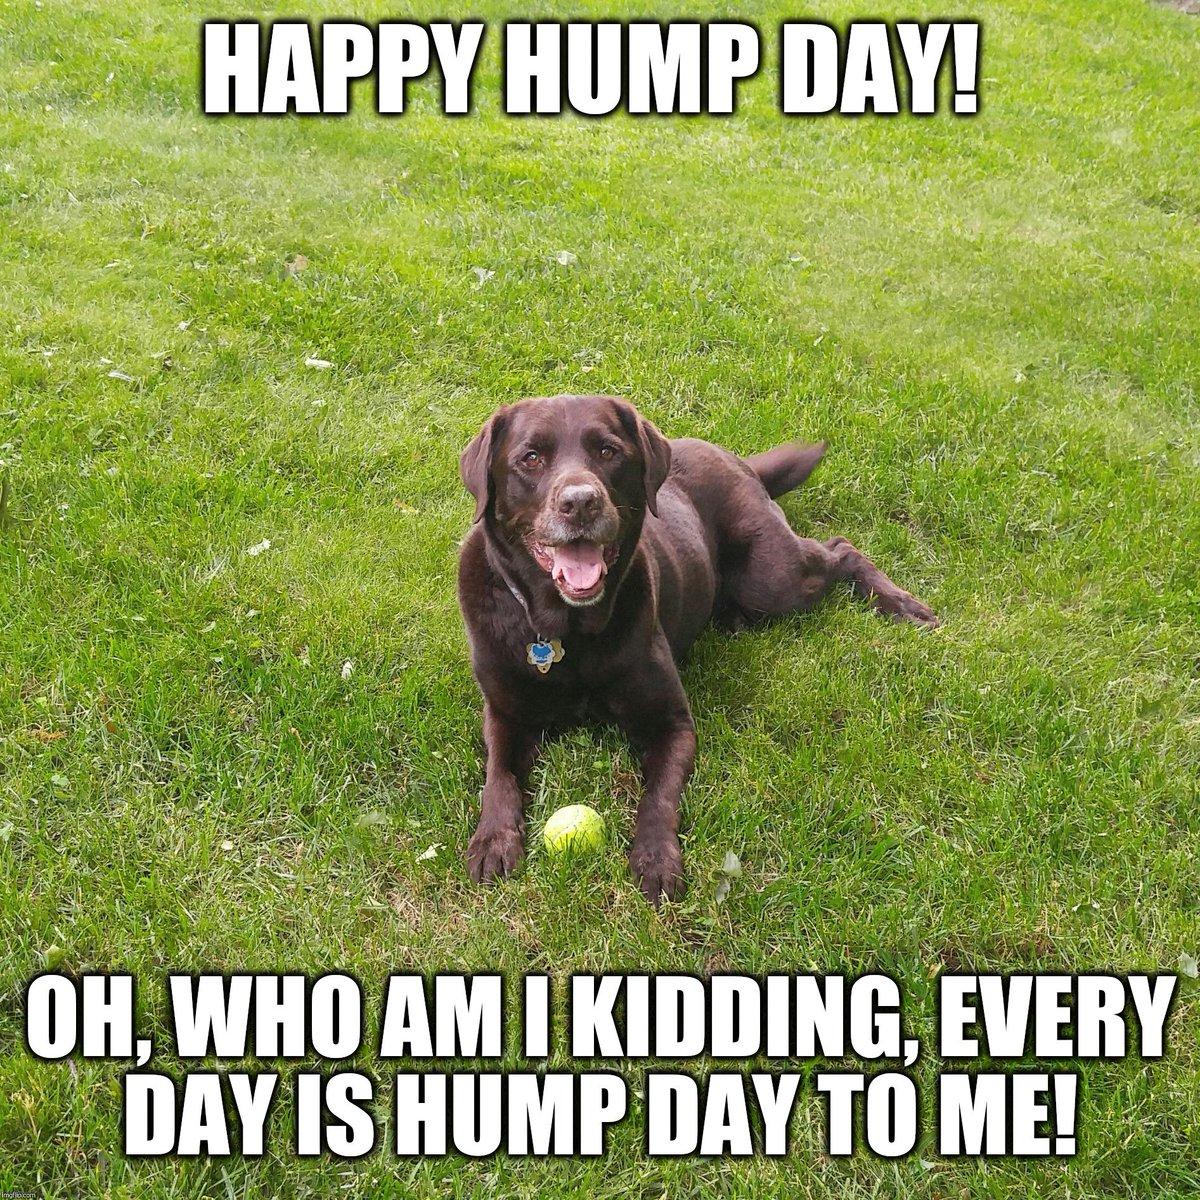 Must be nice! #vieravet #Wednesday #dogslife https://t.co/8BtUOgKJ2t